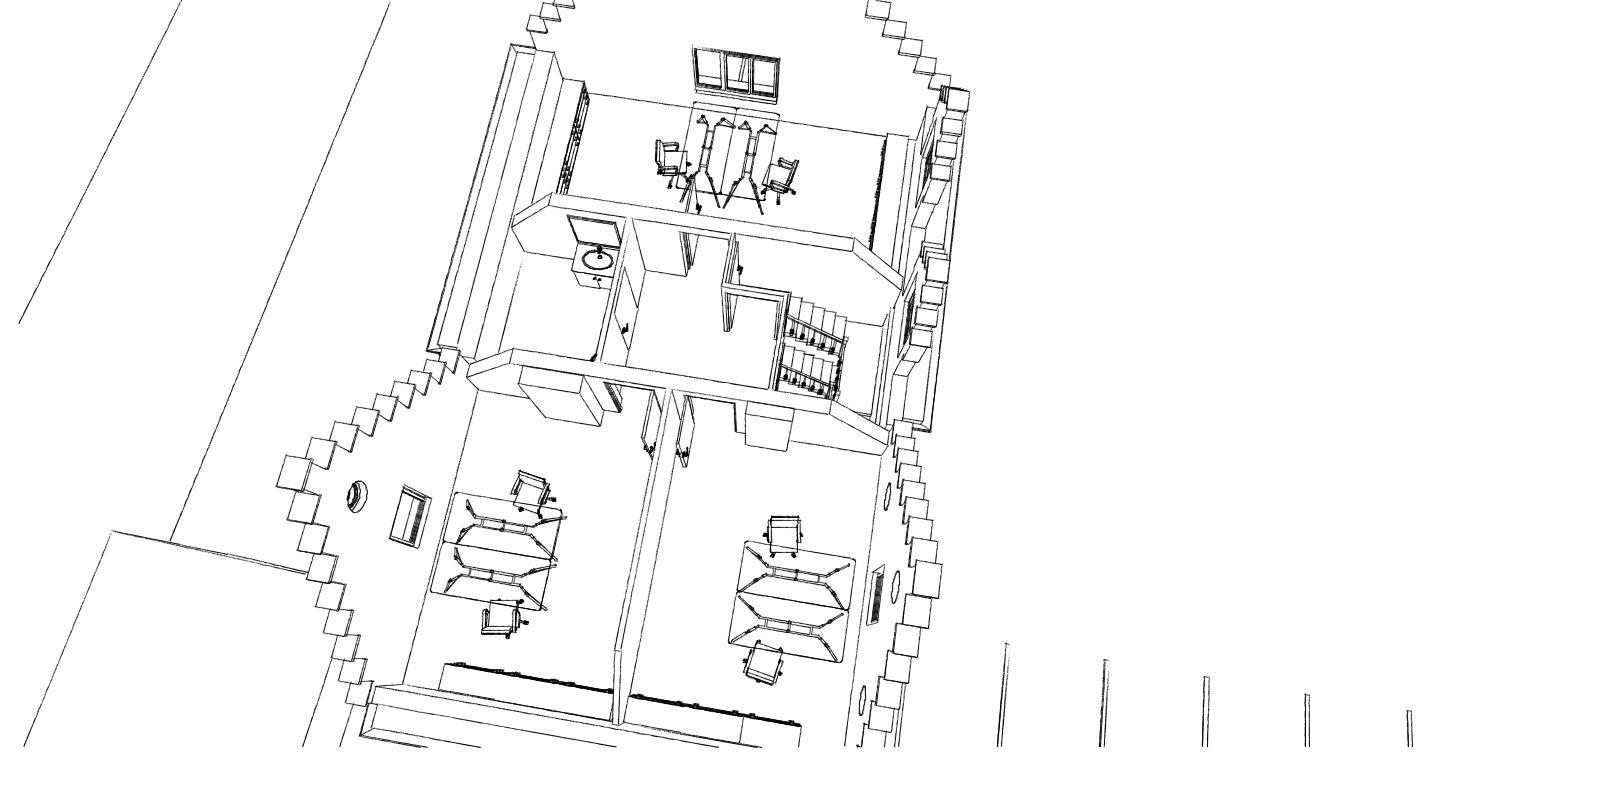 Am nagement de bureaux par changement de destination d une habitation existan - Changement de destination permis de construire ...